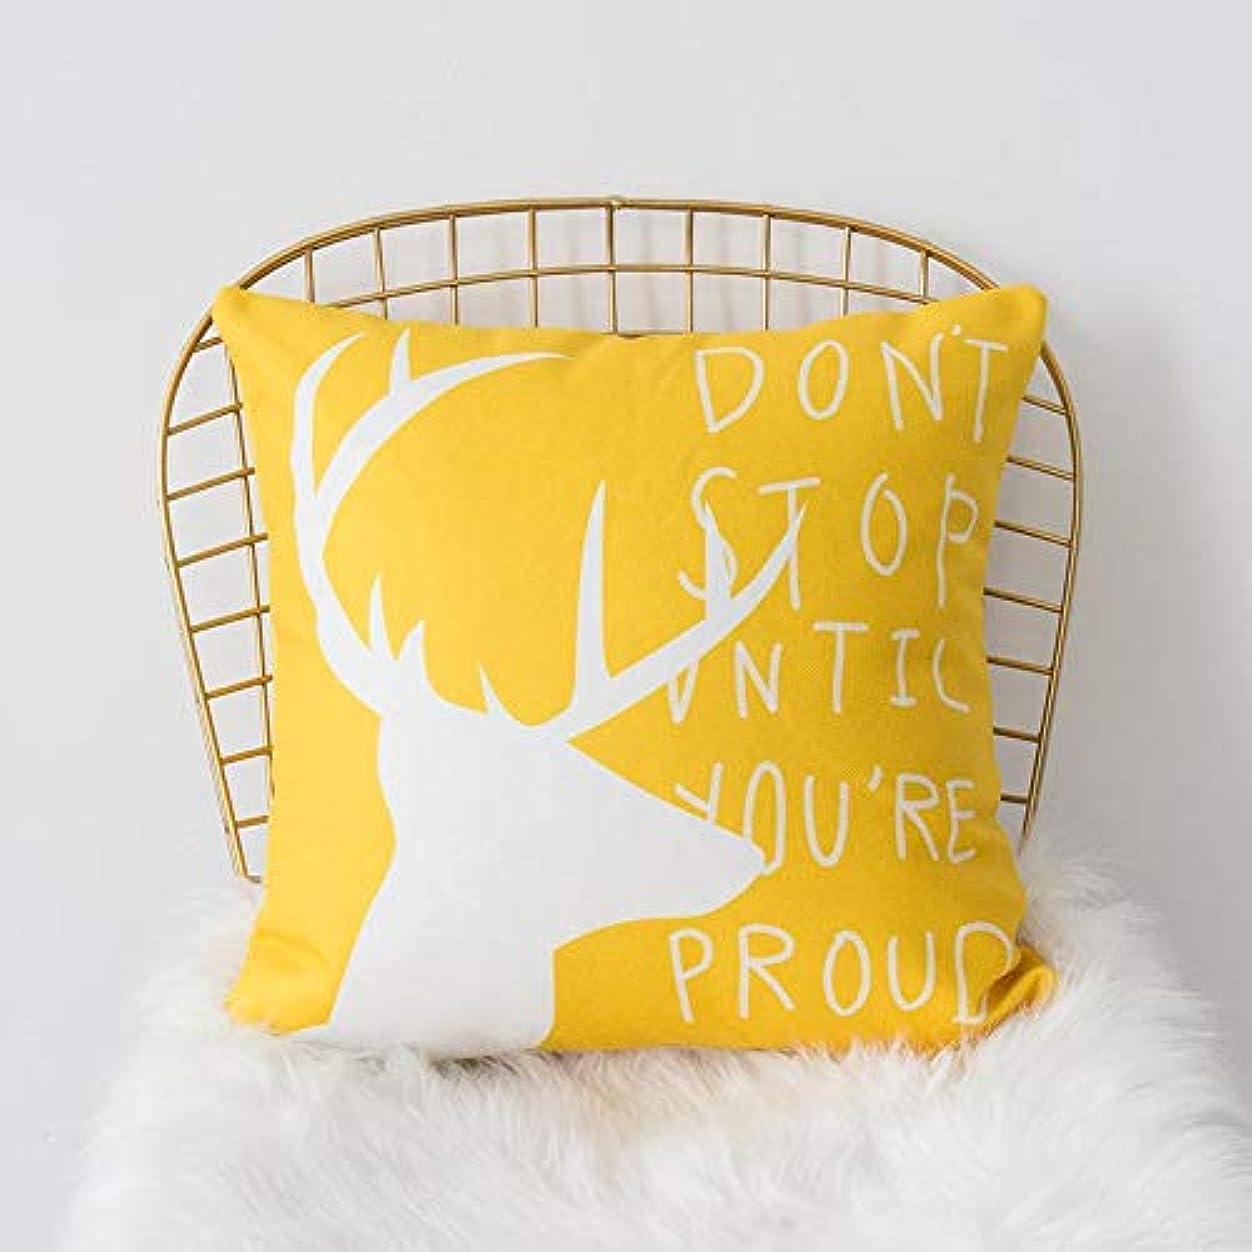 いつも傷跡また明日ねSMART 黄色グレー枕北欧スタイル黄色ヘラジカ幾何枕リビングルームのインテリアソファクッション Cojines 装飾良質 クッション 椅子